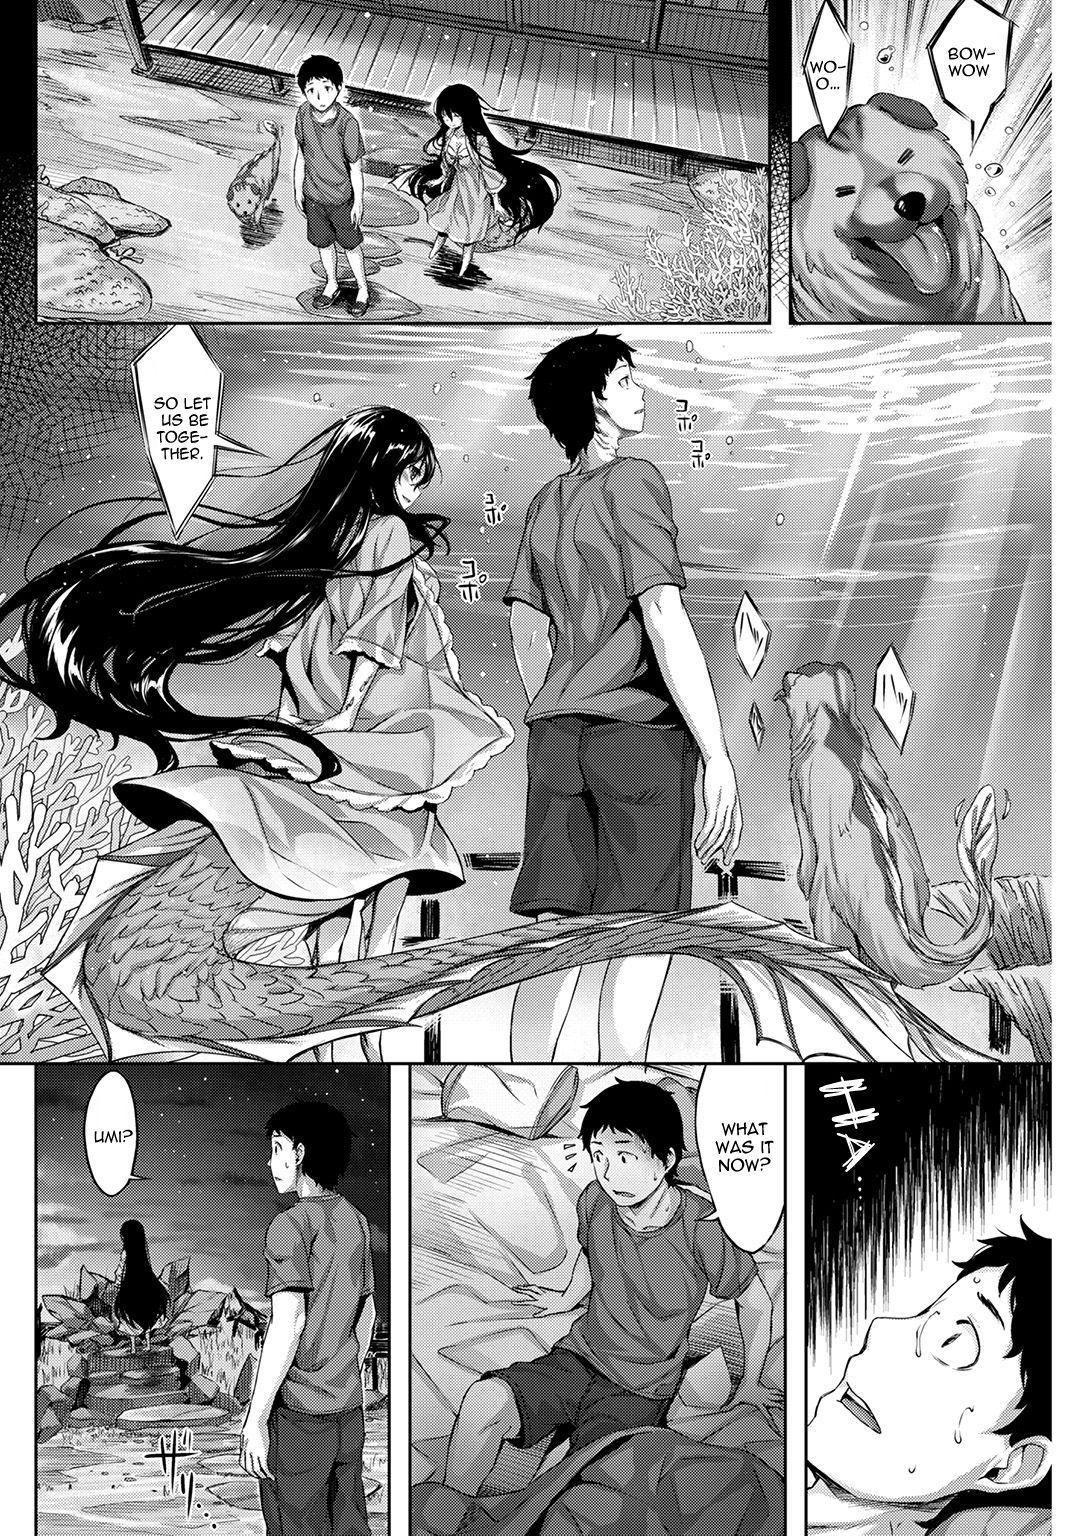 Kuramitsuha no Kami | Goddess Kuramitsuha 17